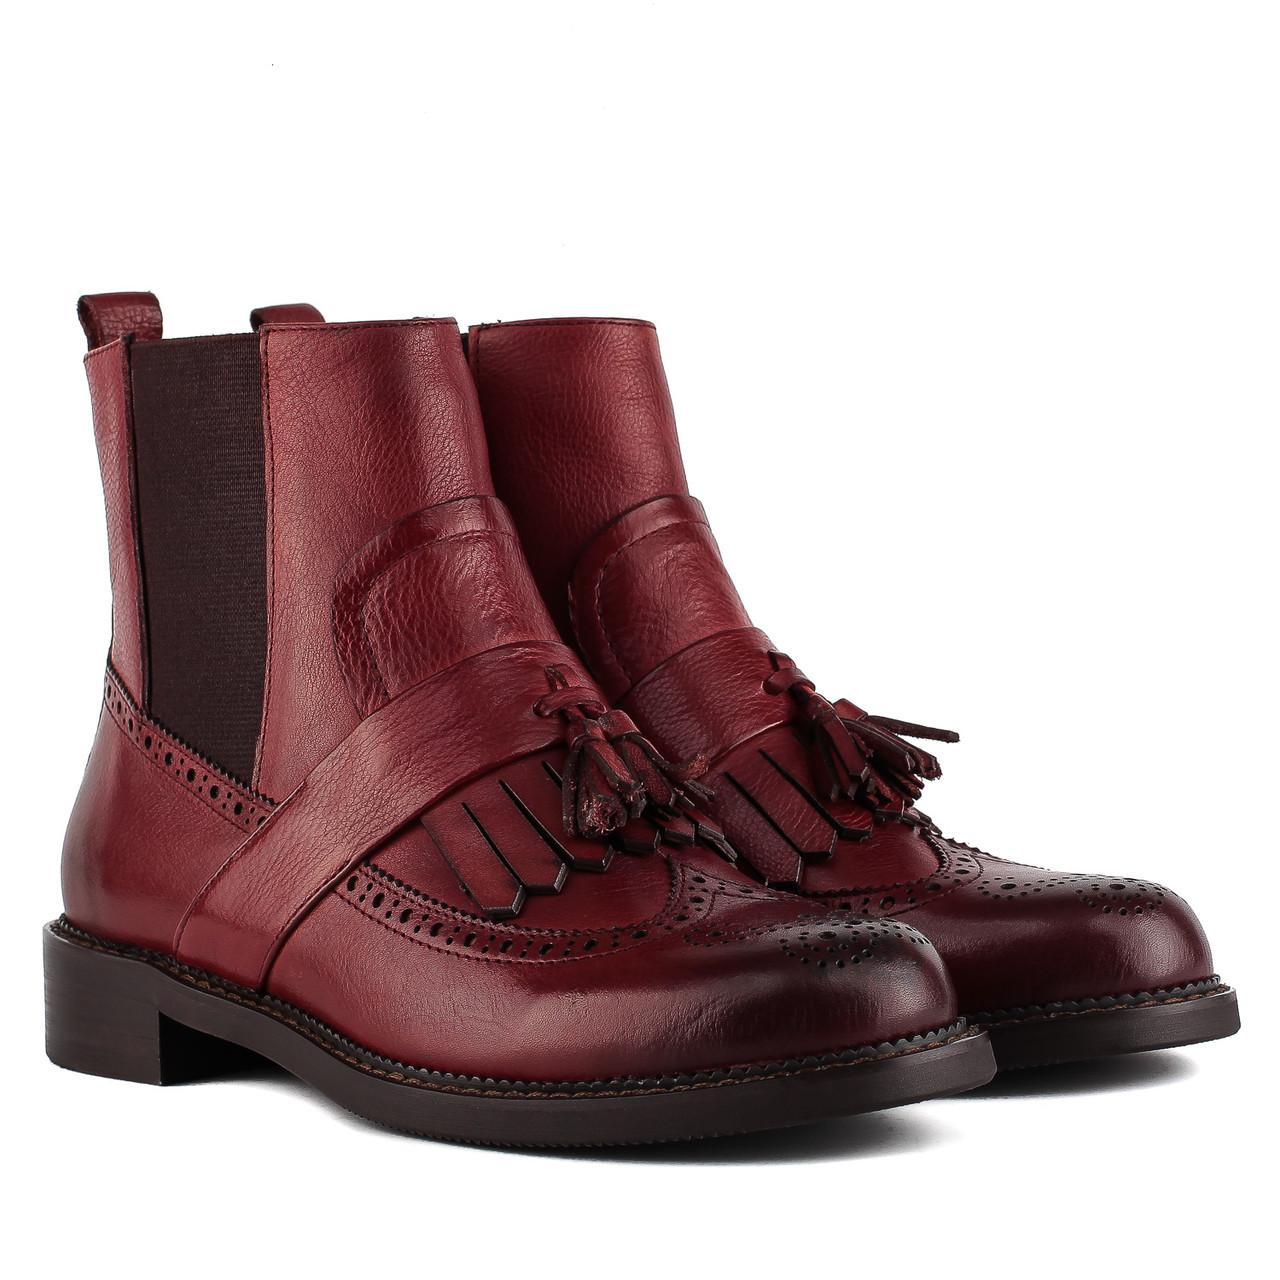 Ботинки женские DJOVANNIA (бордового цвета, стильные, кожаные, модные)